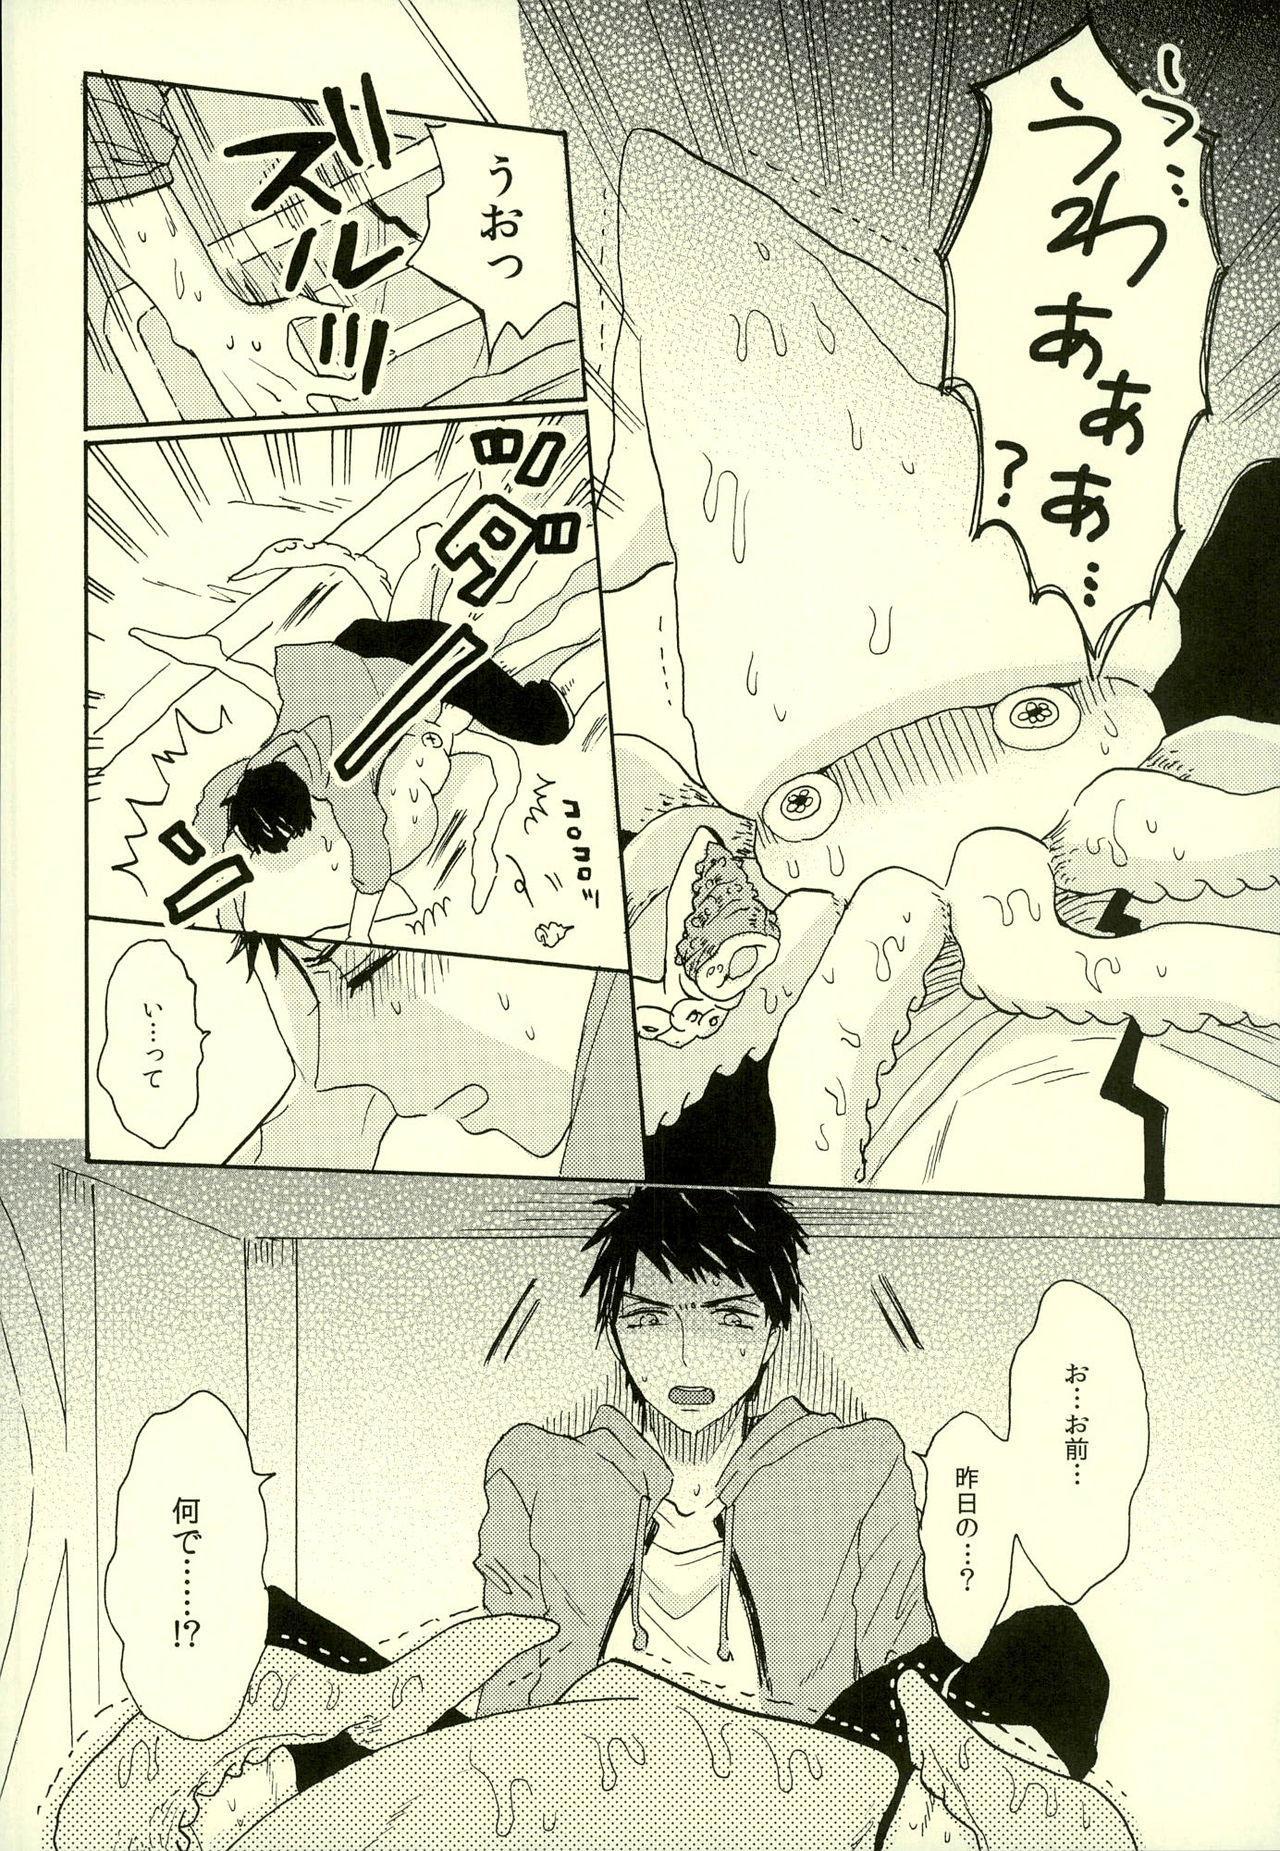 (SUPERKansai20) [hn (Pirori)] Sou-chan Jana-ika!? (Free!) 8